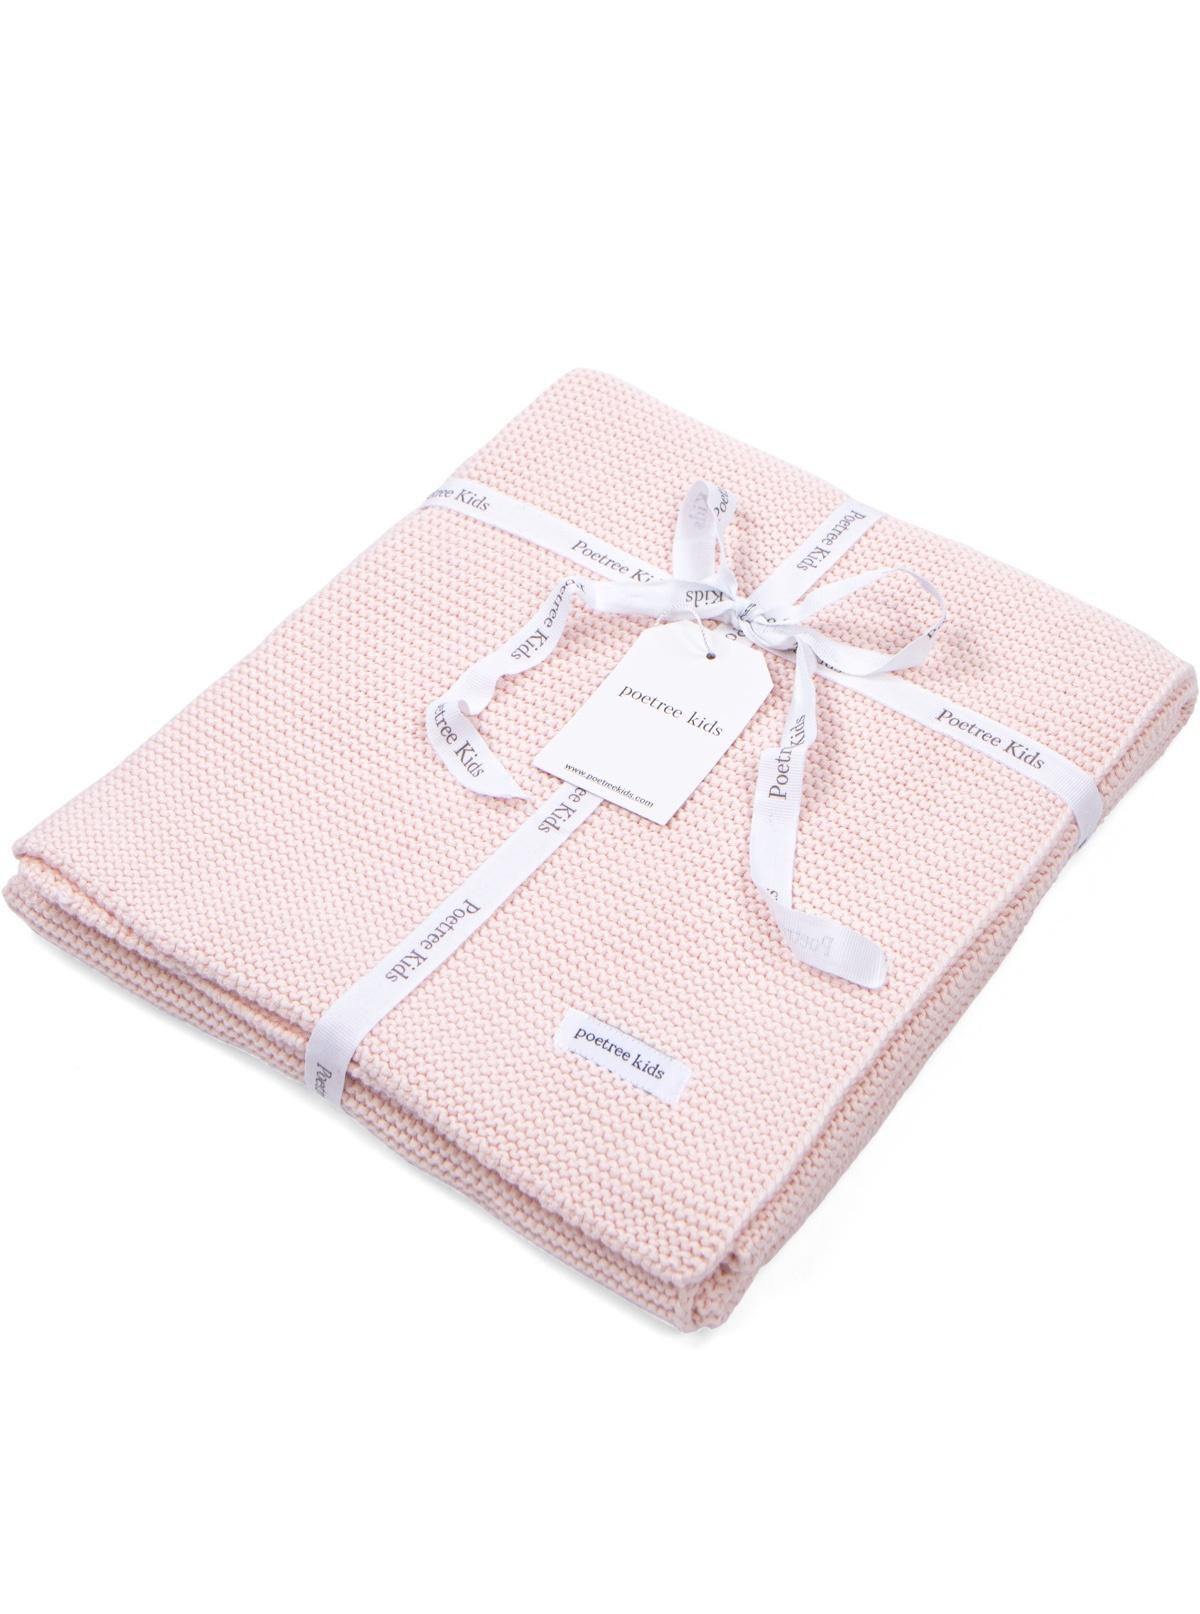 100% Cotton Knitted Crib Blanket  Dark Grey Melange-3